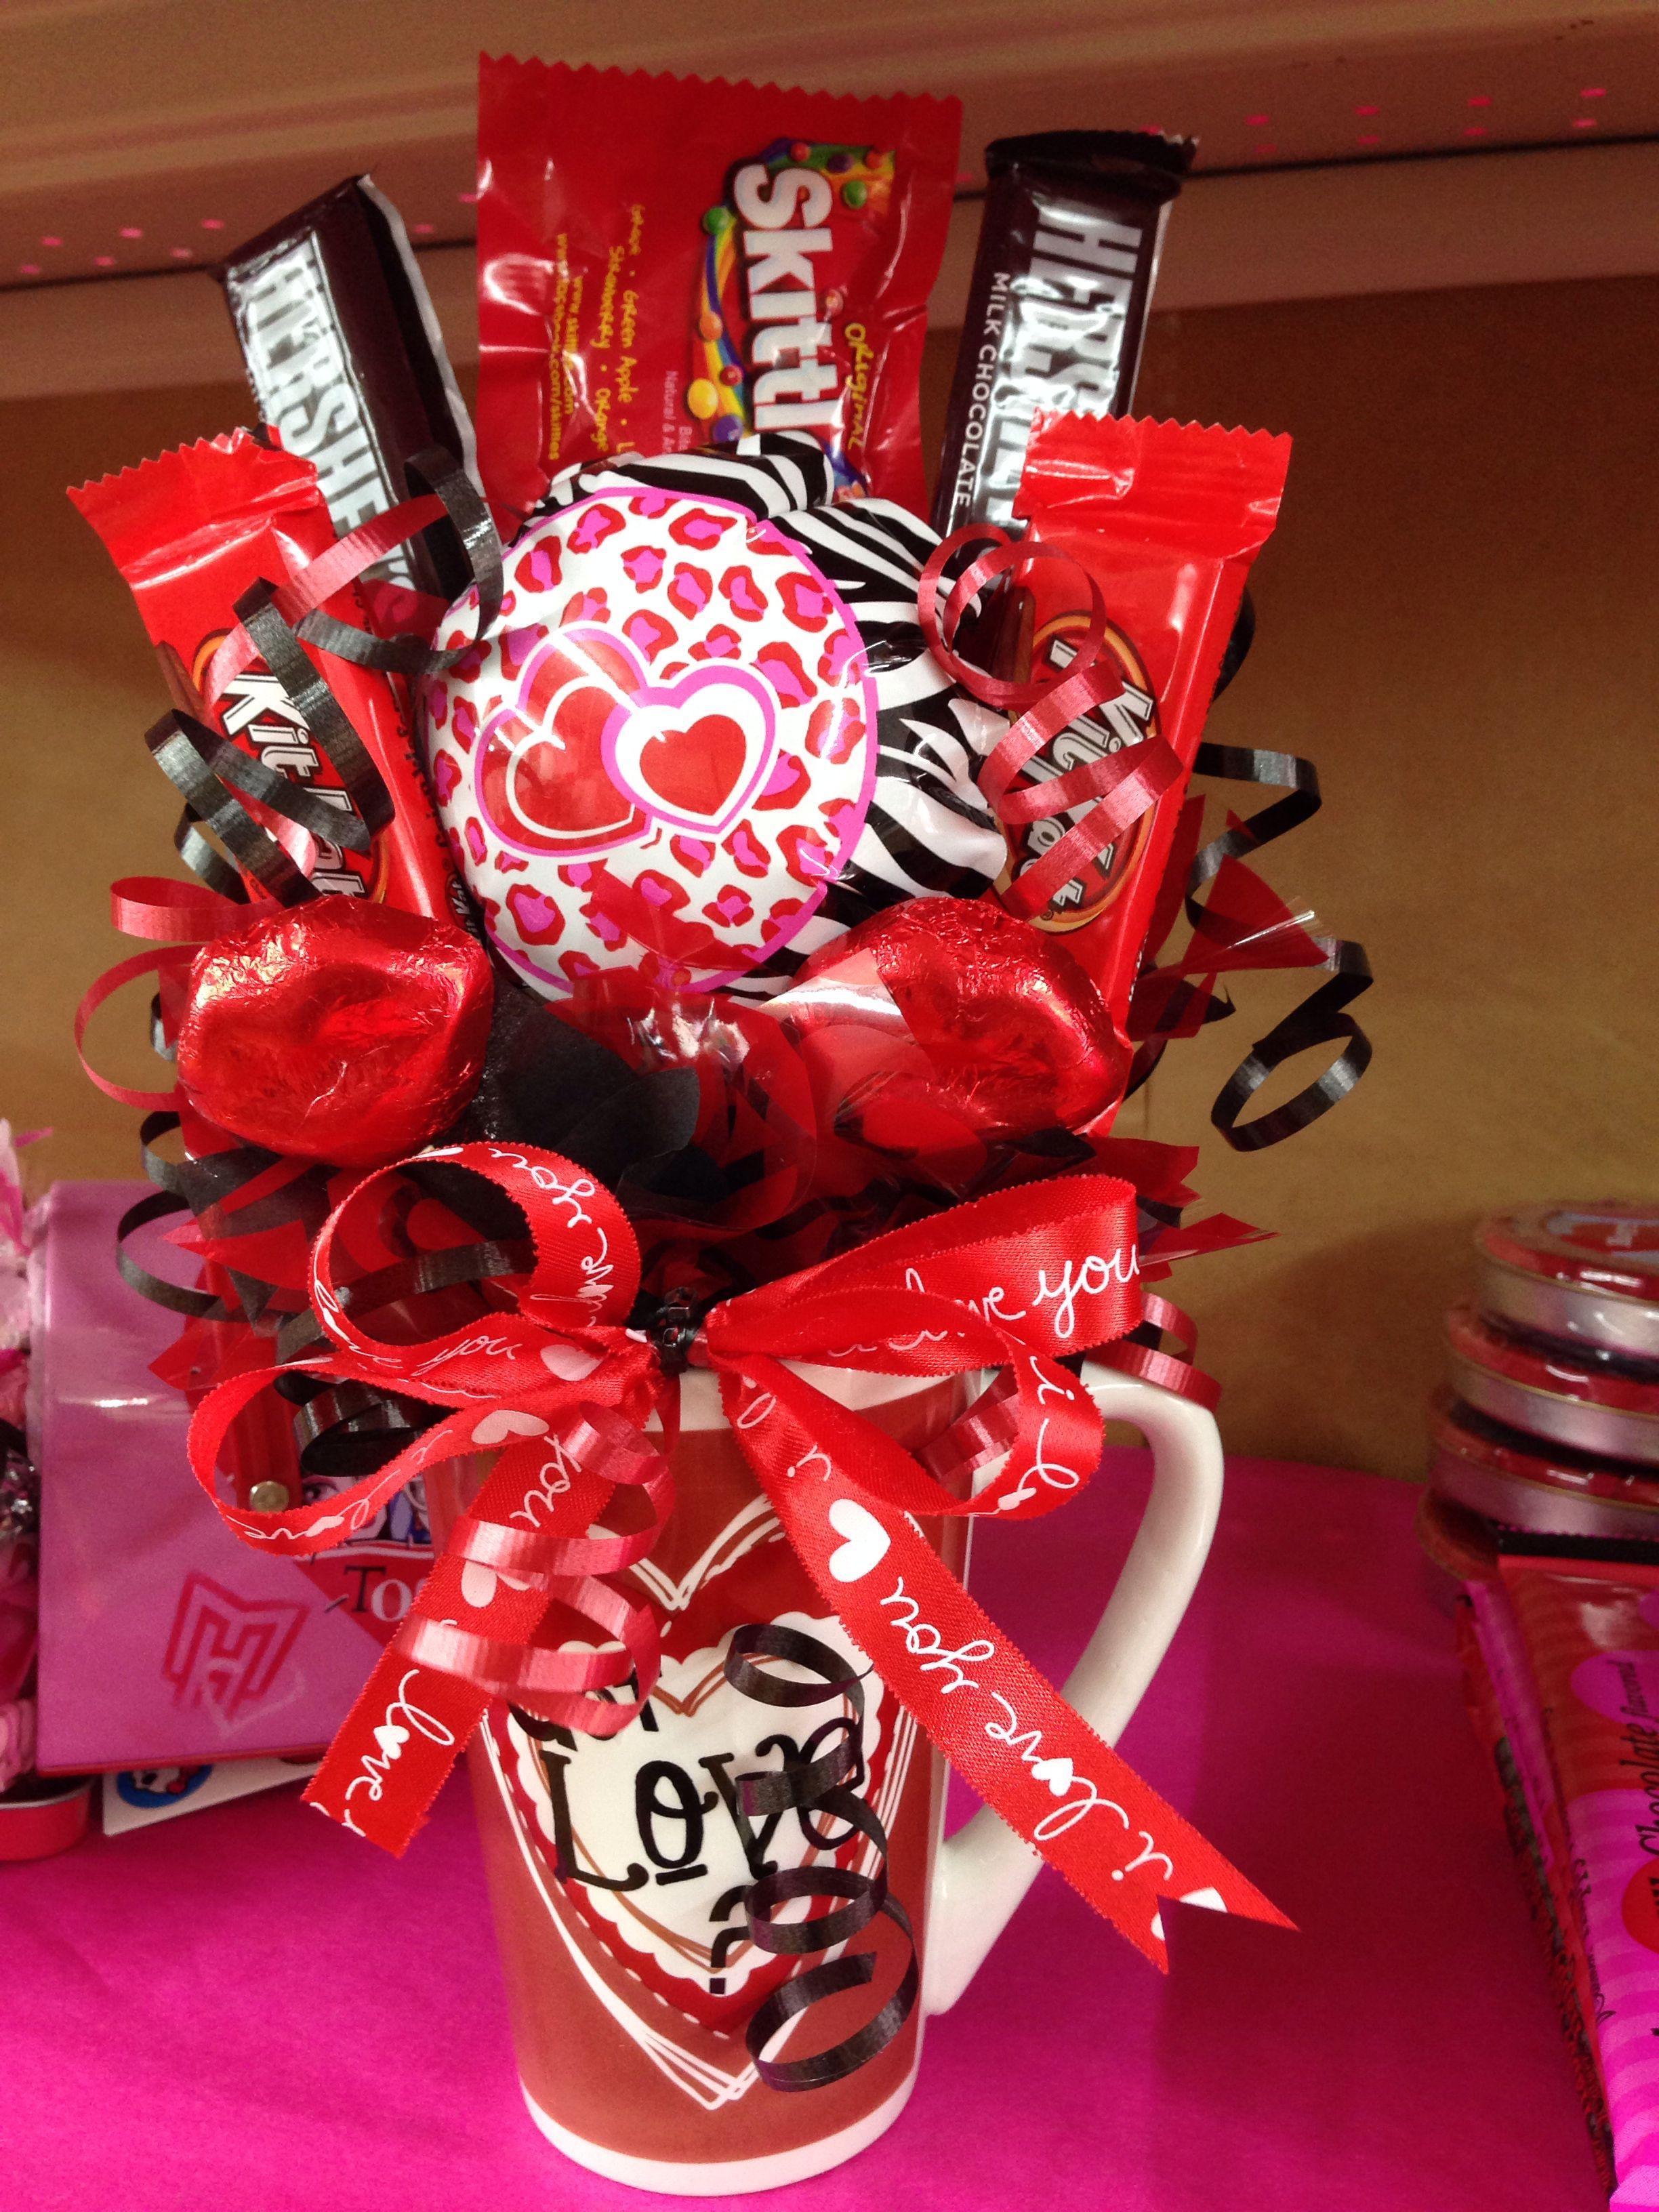 Bouquet De Barras De Chocolate De Amor Y Amistad